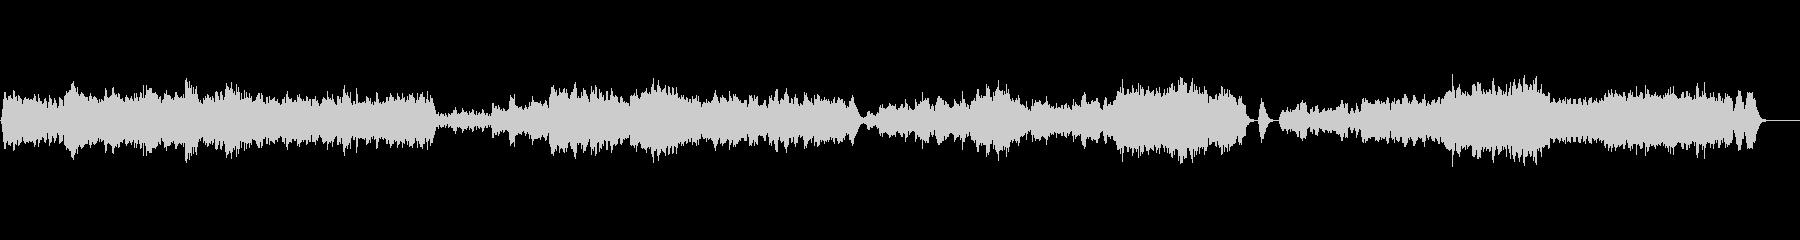 ベートーヴェン シンフォニーの未再生の波形